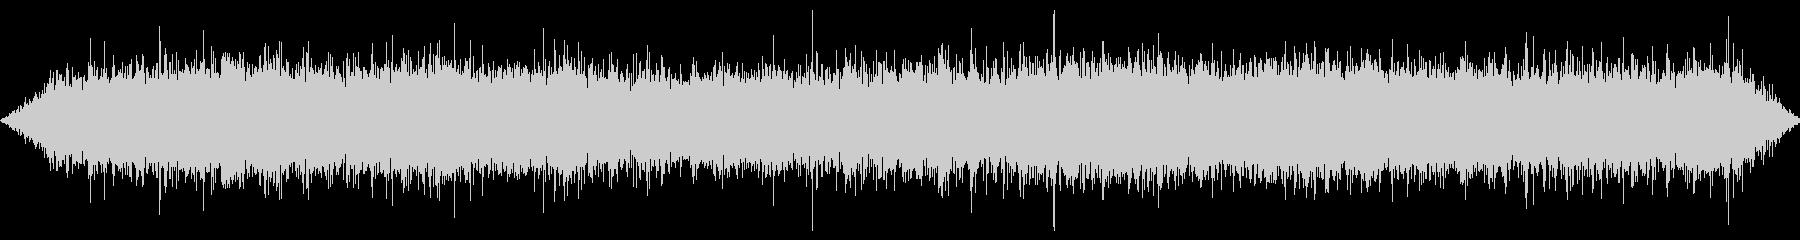 水路の滝の音(中サイズ)の未再生の波形